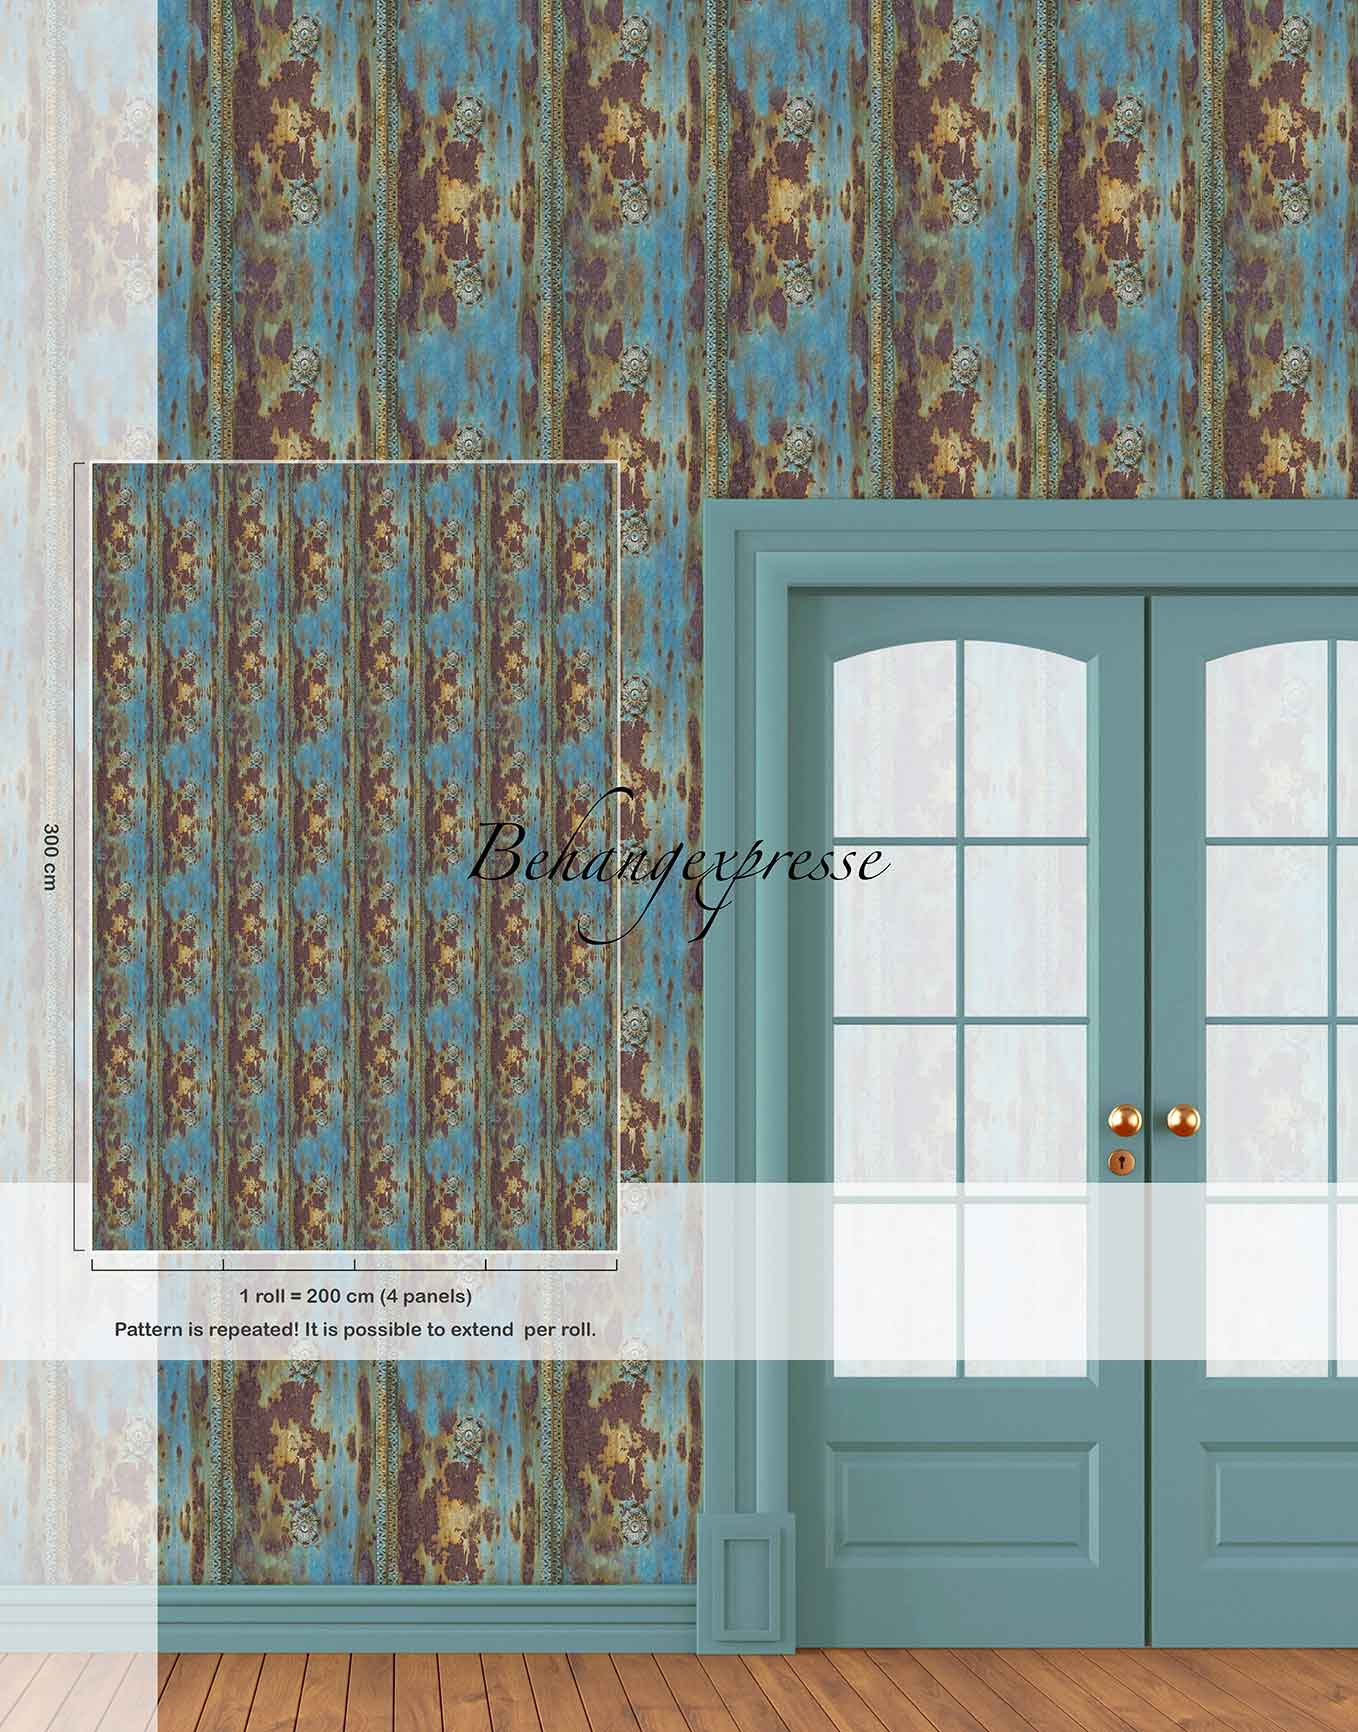 fototapete bildtapete f r wohnzimmer u schlafzimmer zum. Black Bedroom Furniture Sets. Home Design Ideas